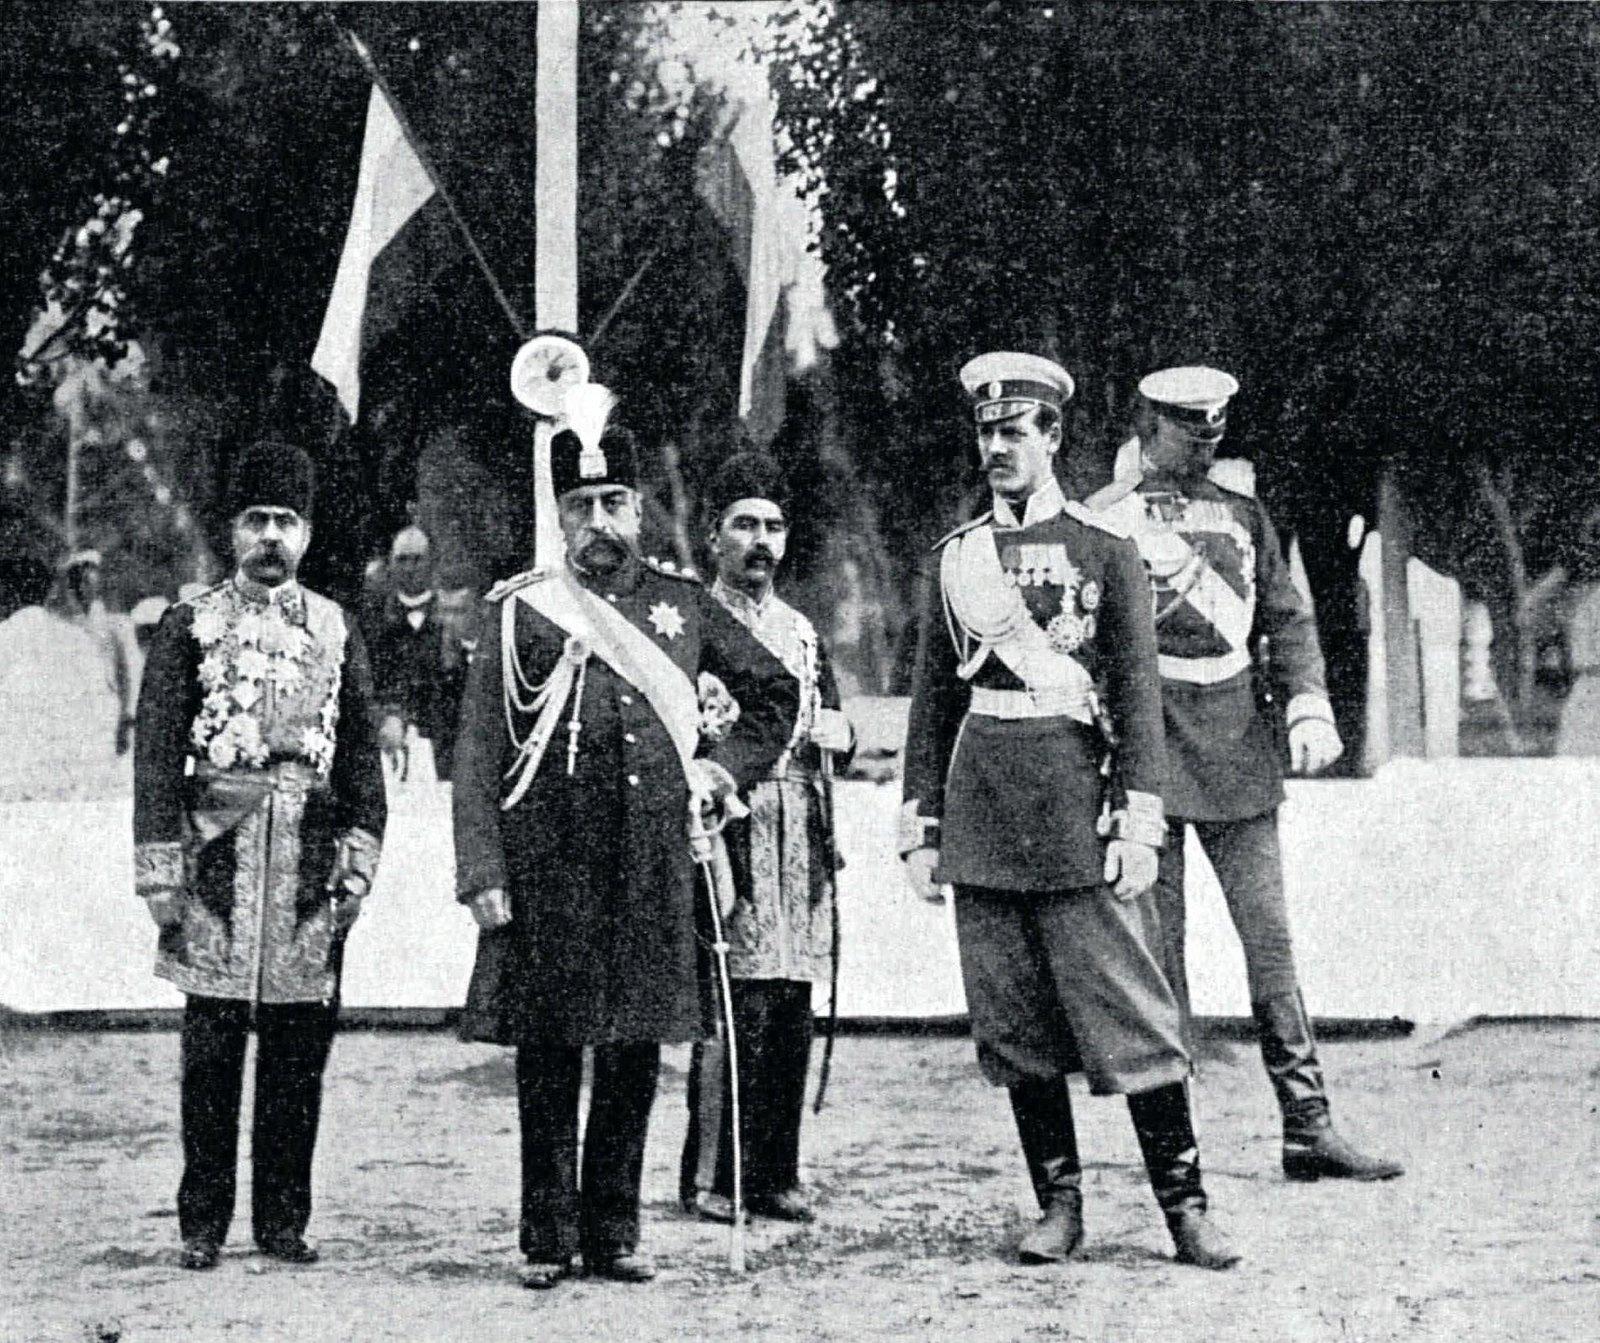 1902. Персидский шах со своей свитой и великий князь Михаил Александрович во время смотра войск под Курском